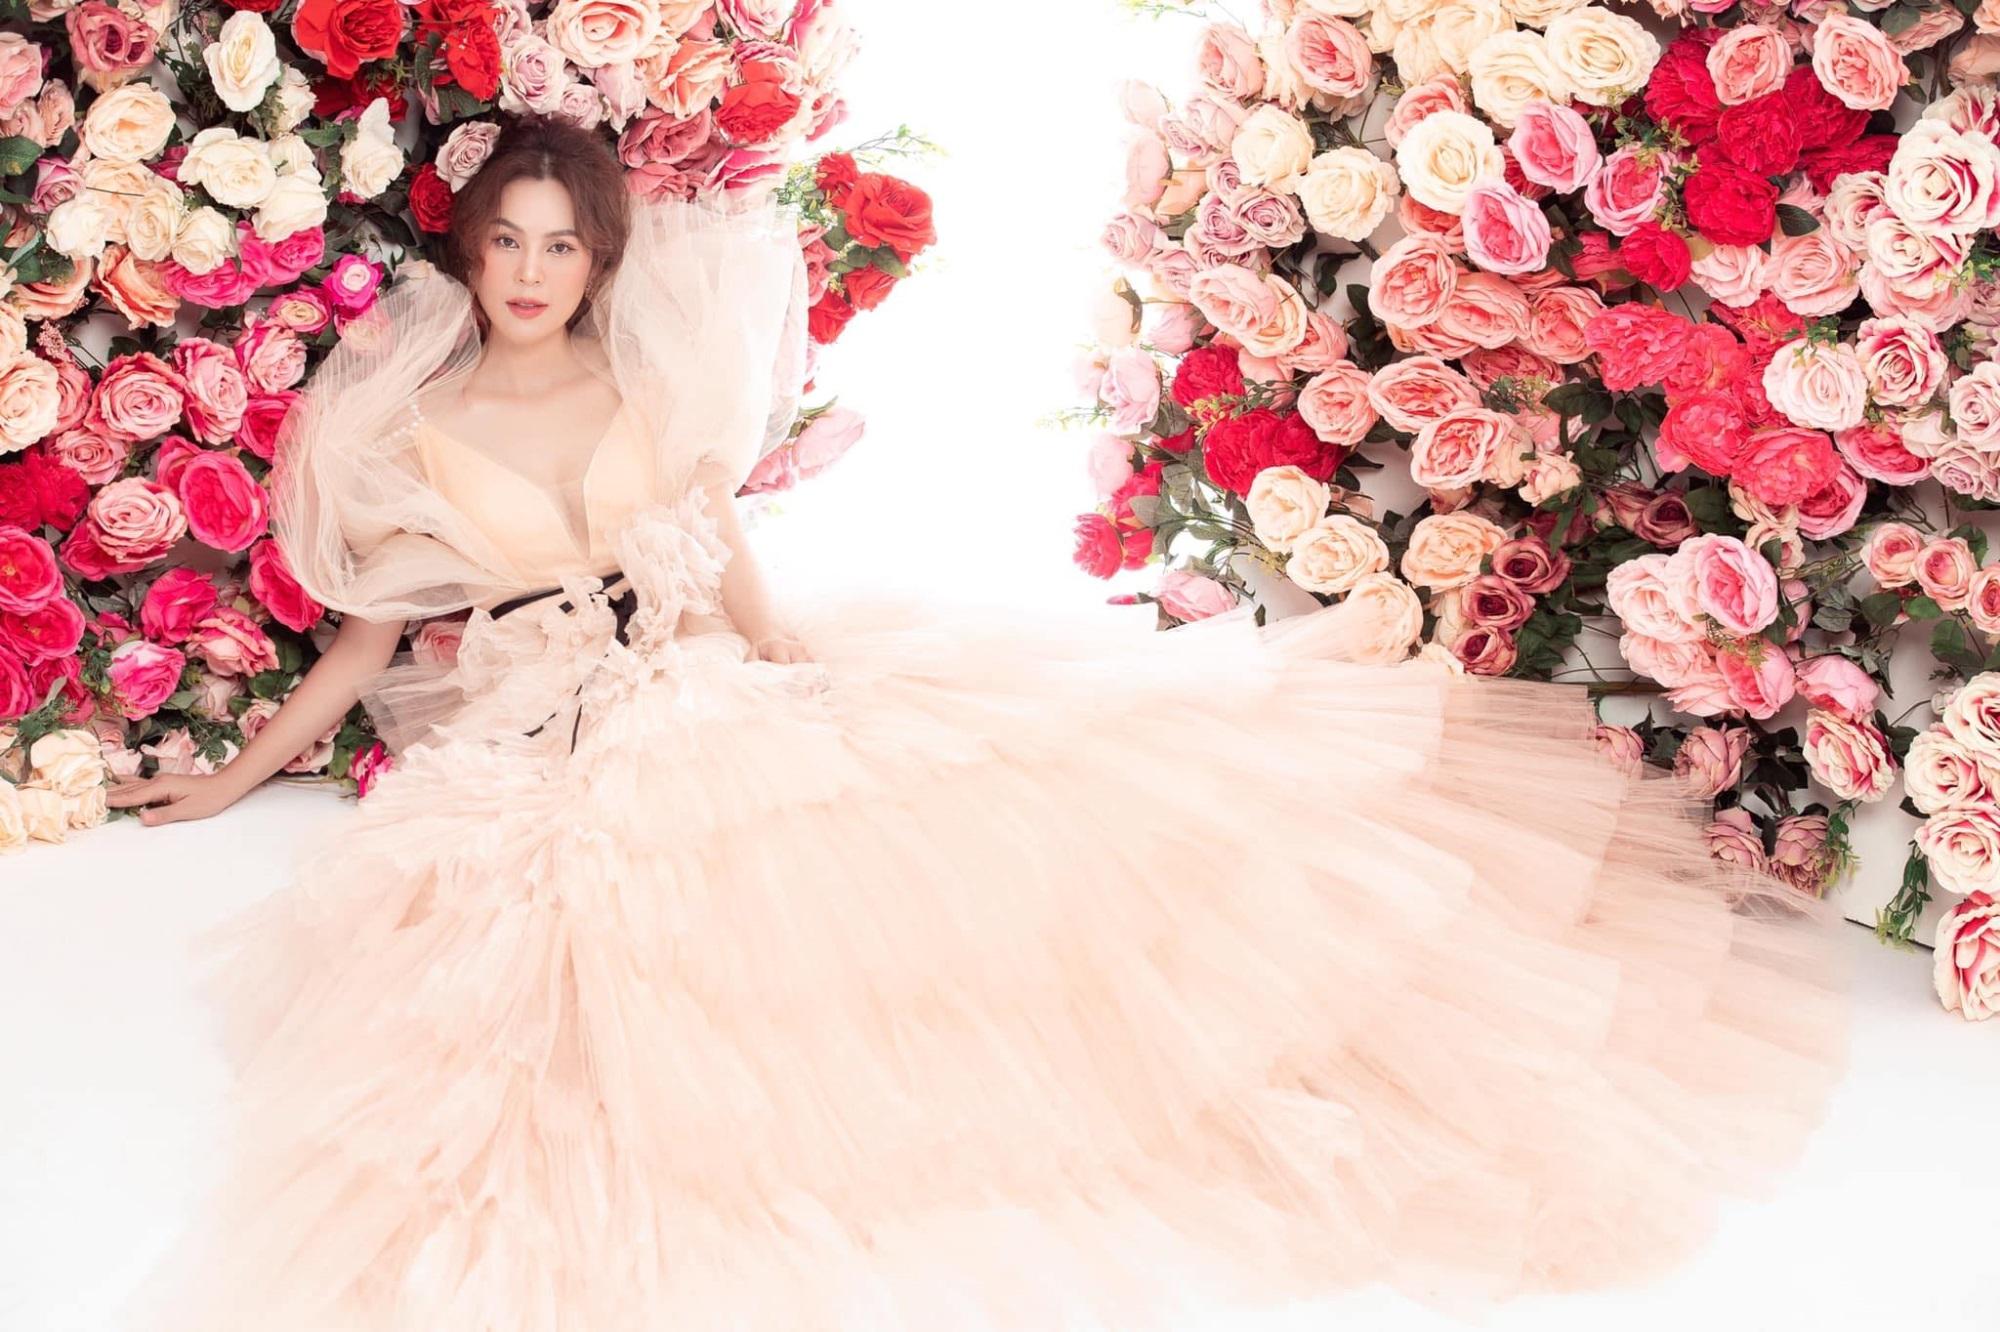 Hoa hậu Quý bà Phương Lê tố một NTK 'chơi dơ', thuê biệt thự để 'làm màu' câu view, CĐM gọi tên Thái Công - Ảnh 5